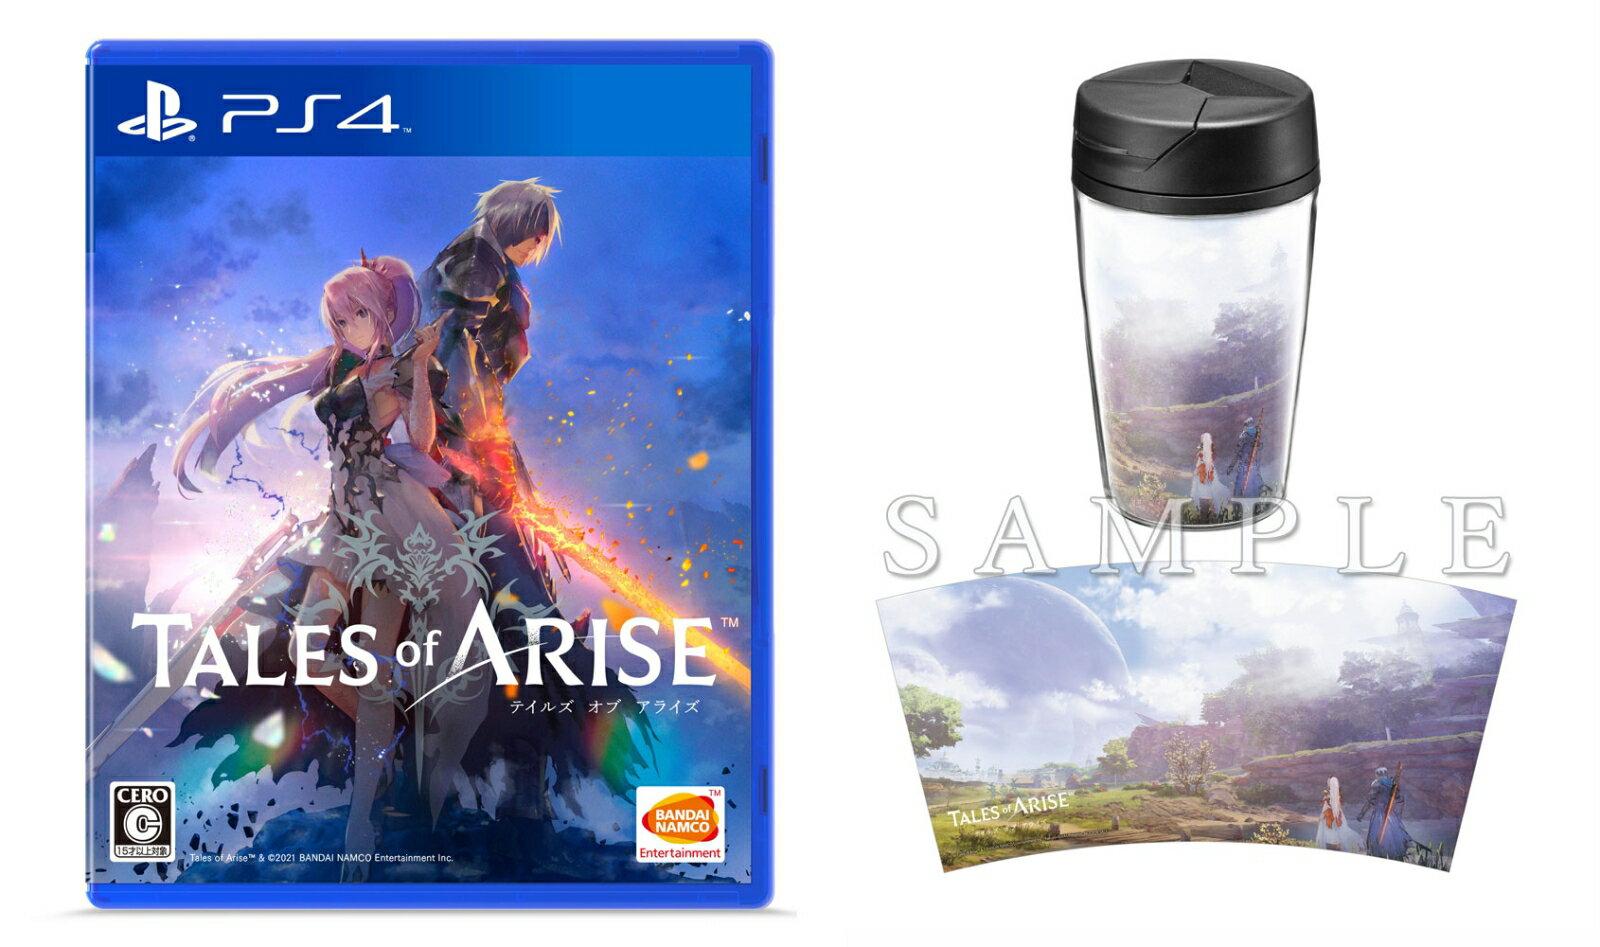 【楽天ブックス限定特典+特典】Tales of ARISE PS4版(オリジナルタンブラー+【早期購入封入特典】ダウンロードコンテンツ4種が入手できるプロダクトコード)